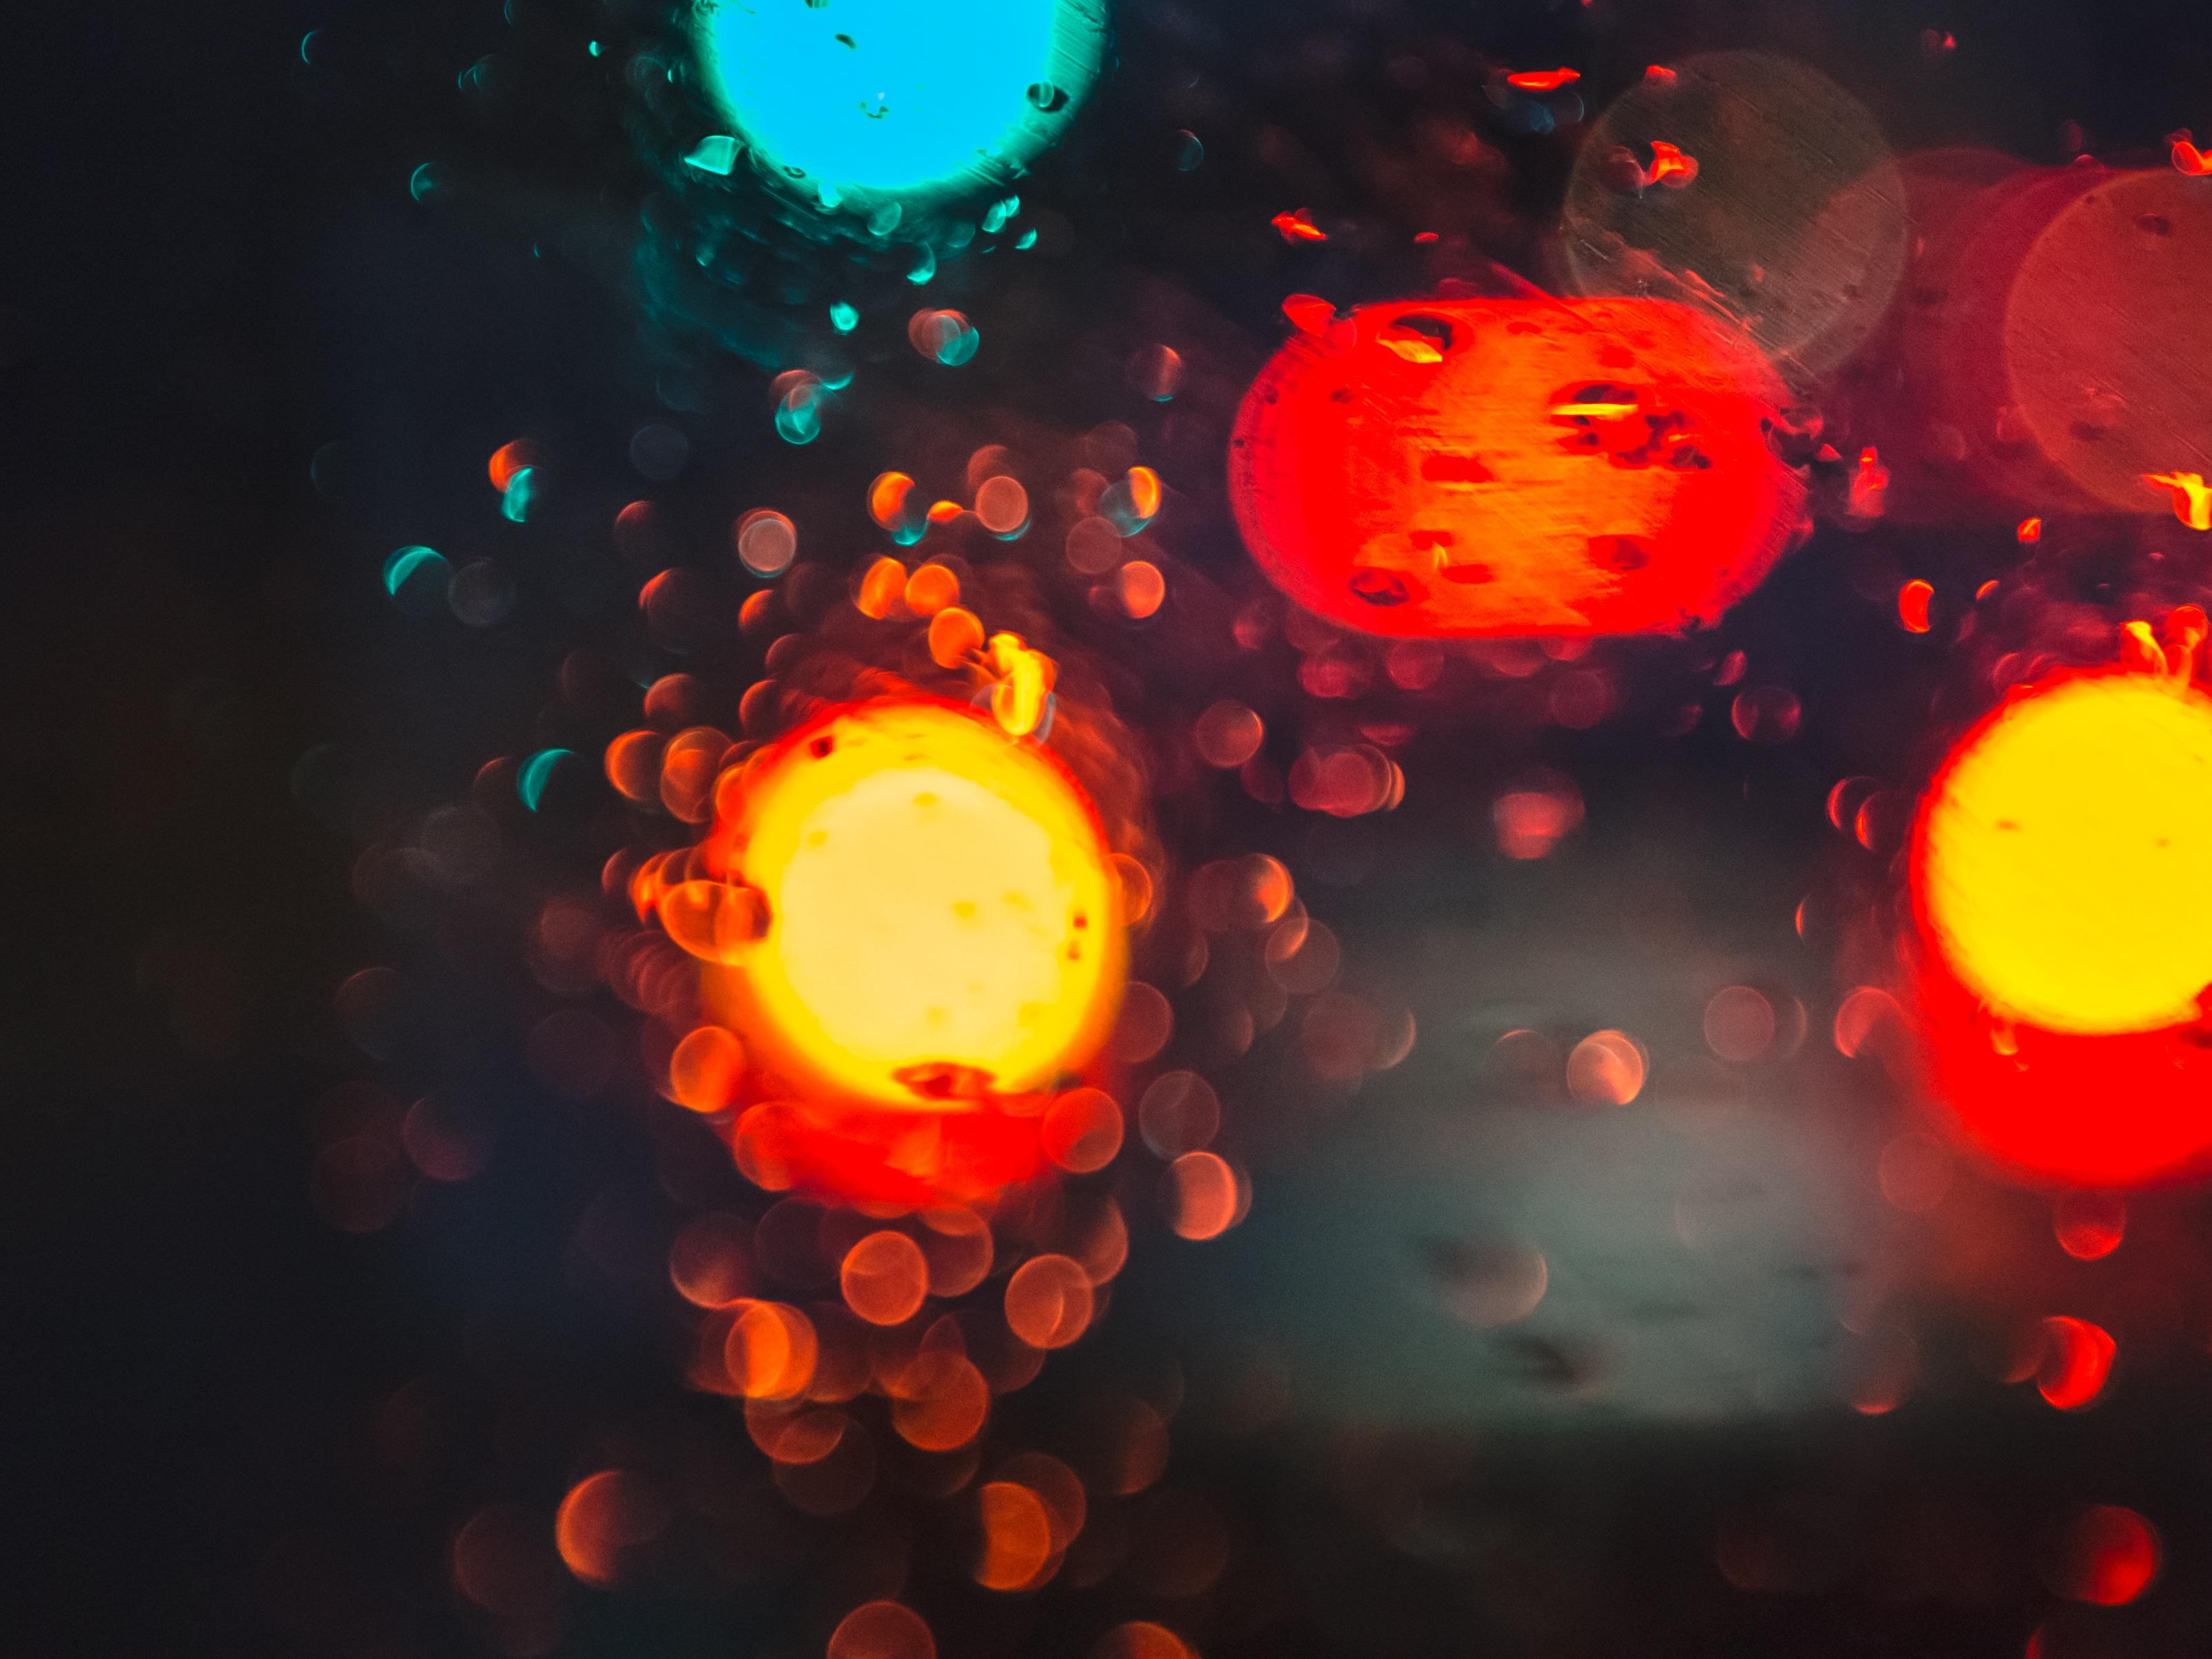 Free Images Water Light Bokeh Blur Road Car Night